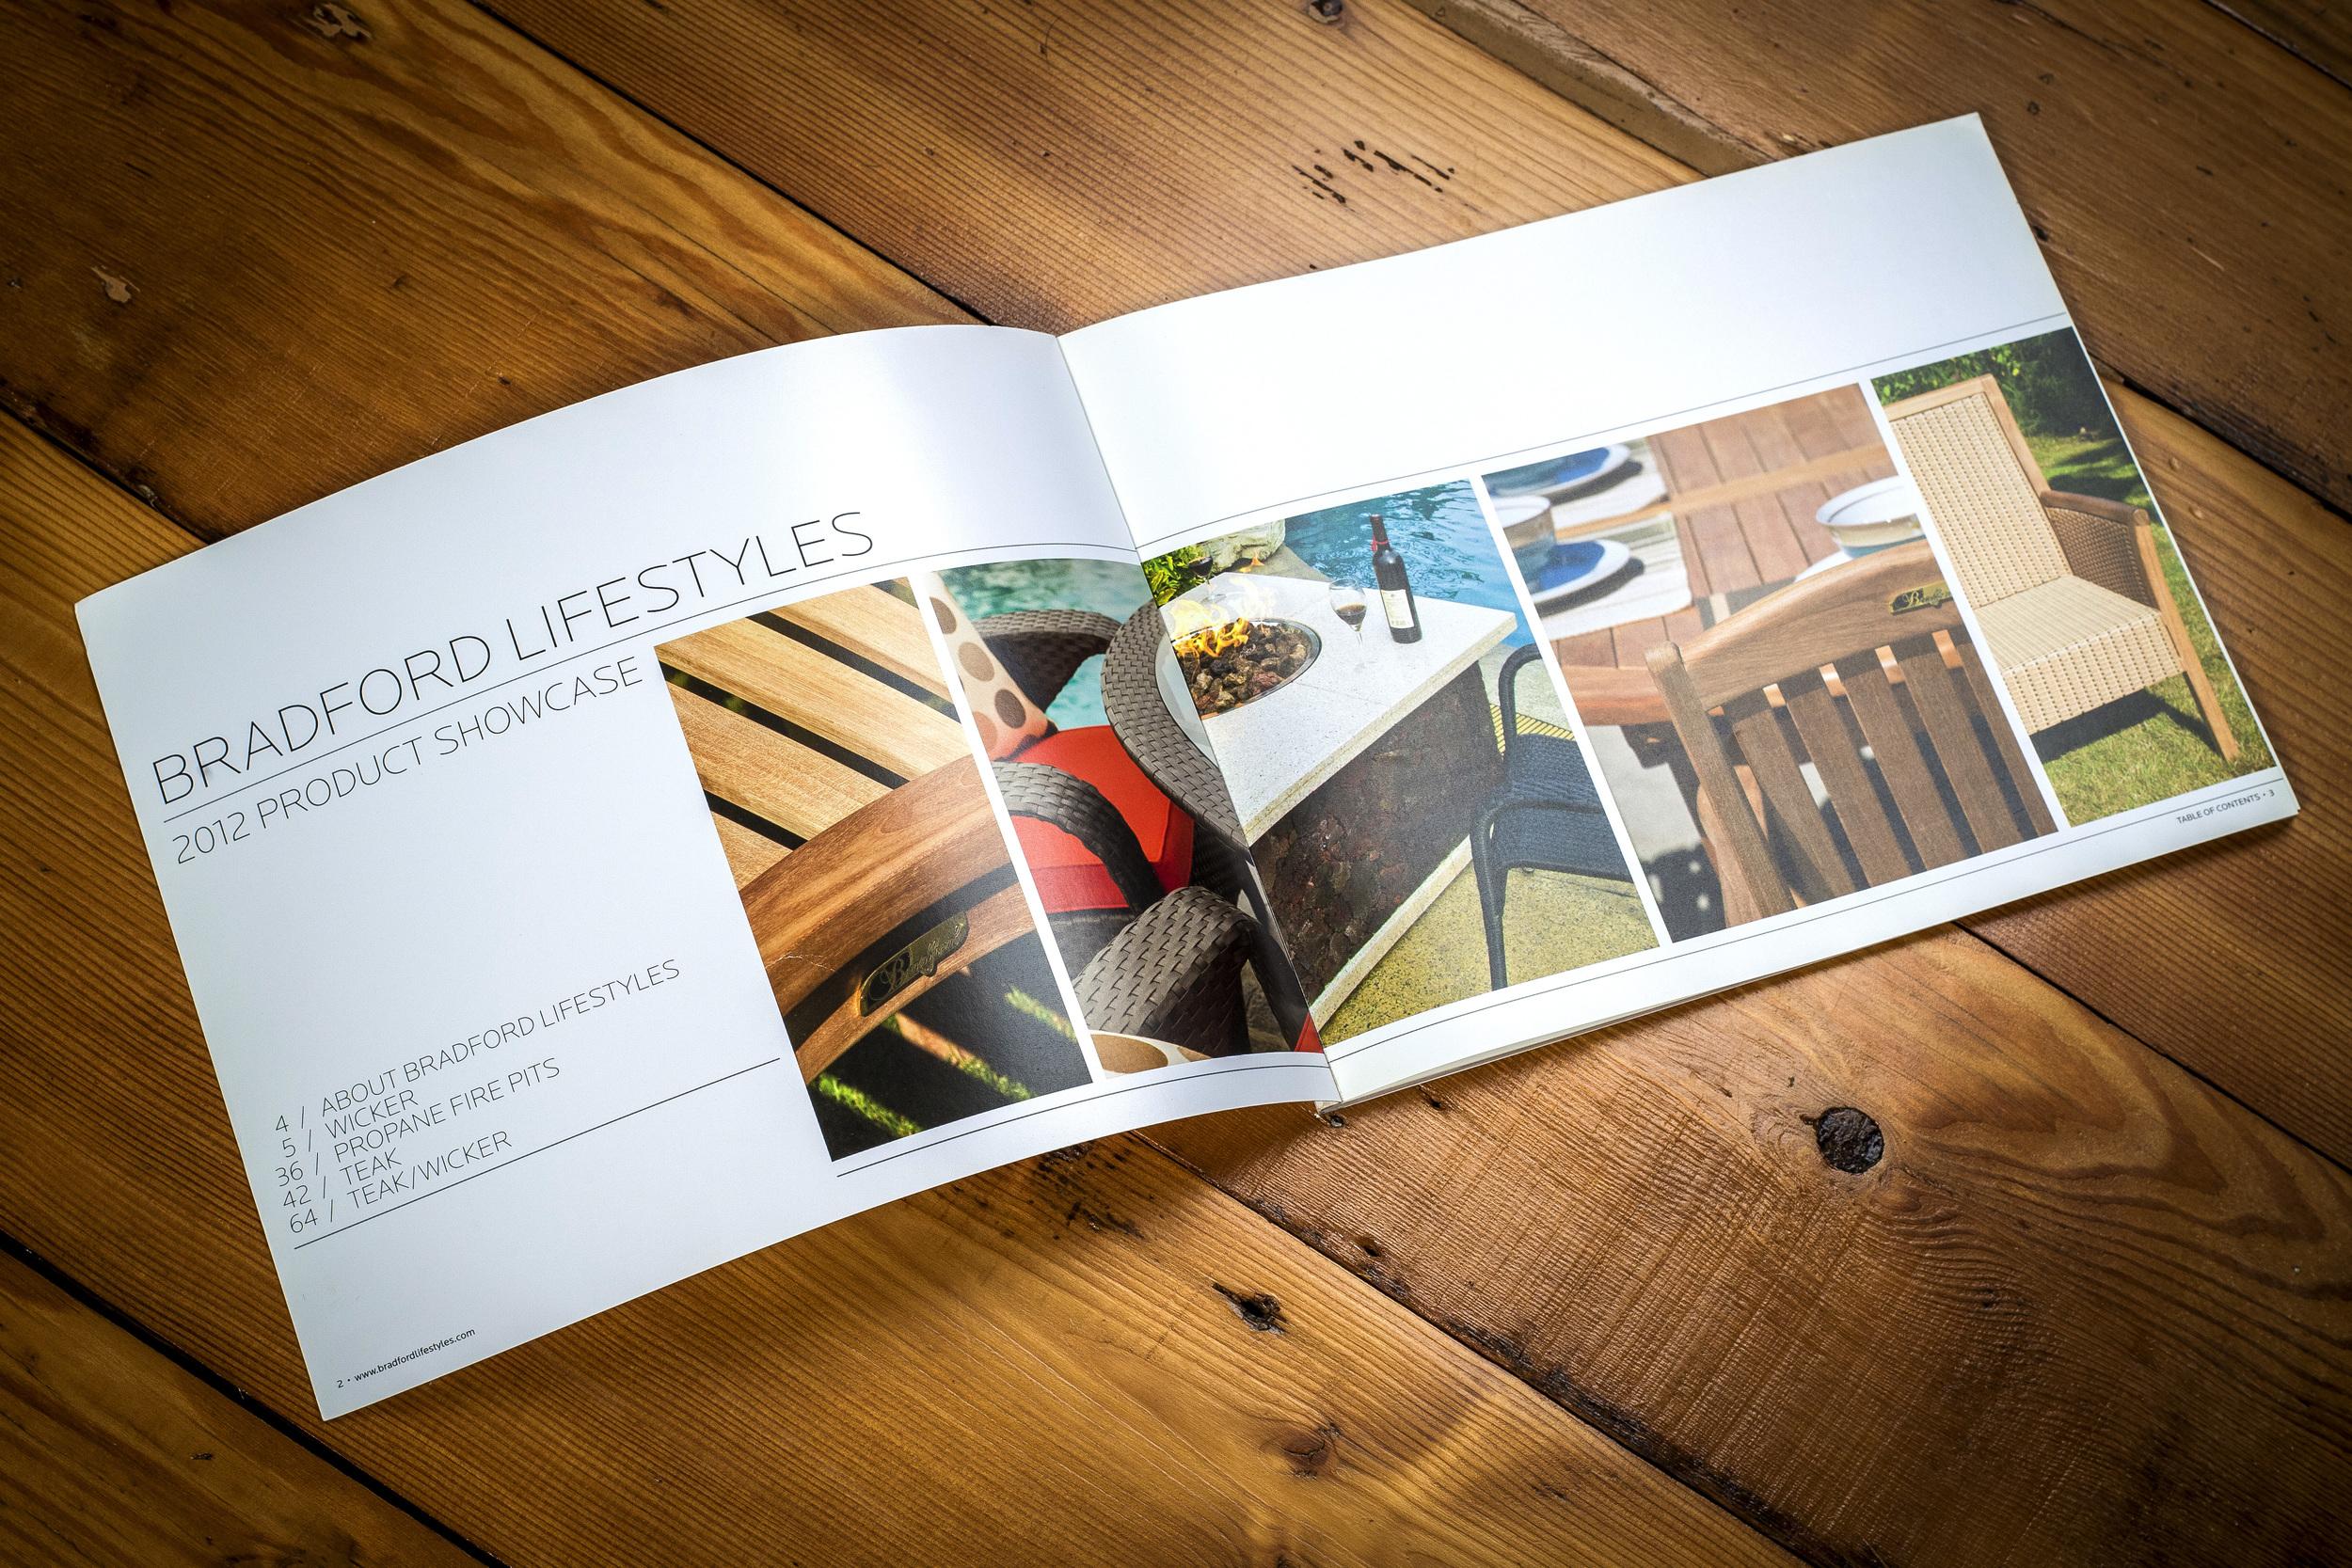 Bradford_Lifestyles_layouts_portfolio_shot_02.jpg